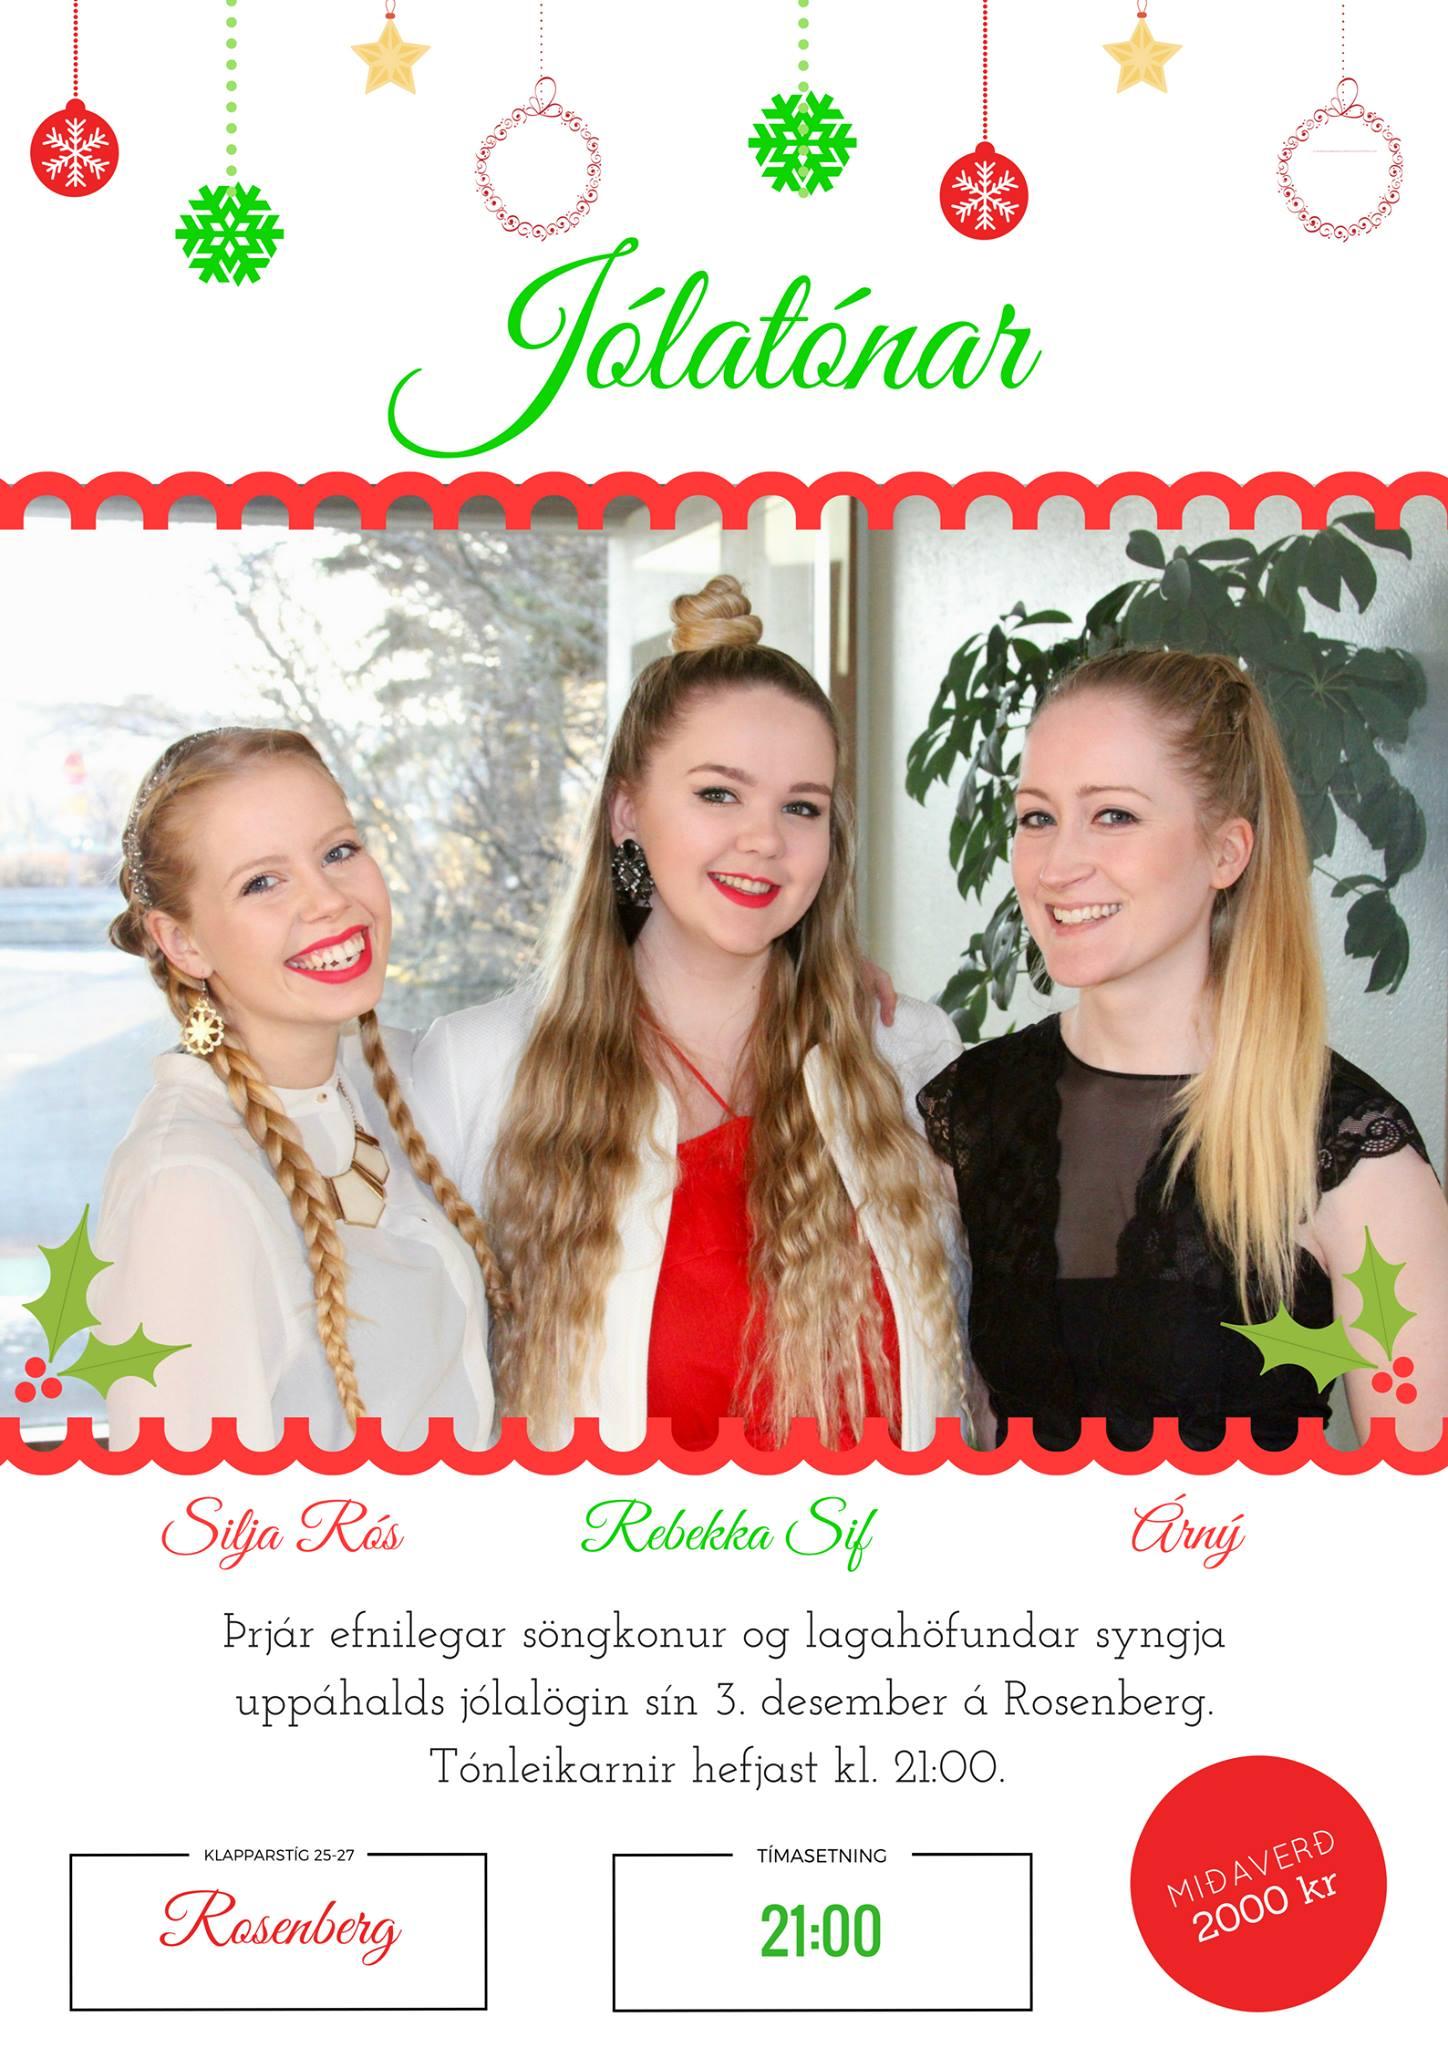 Northern Lights Iceland Forecast December 2017